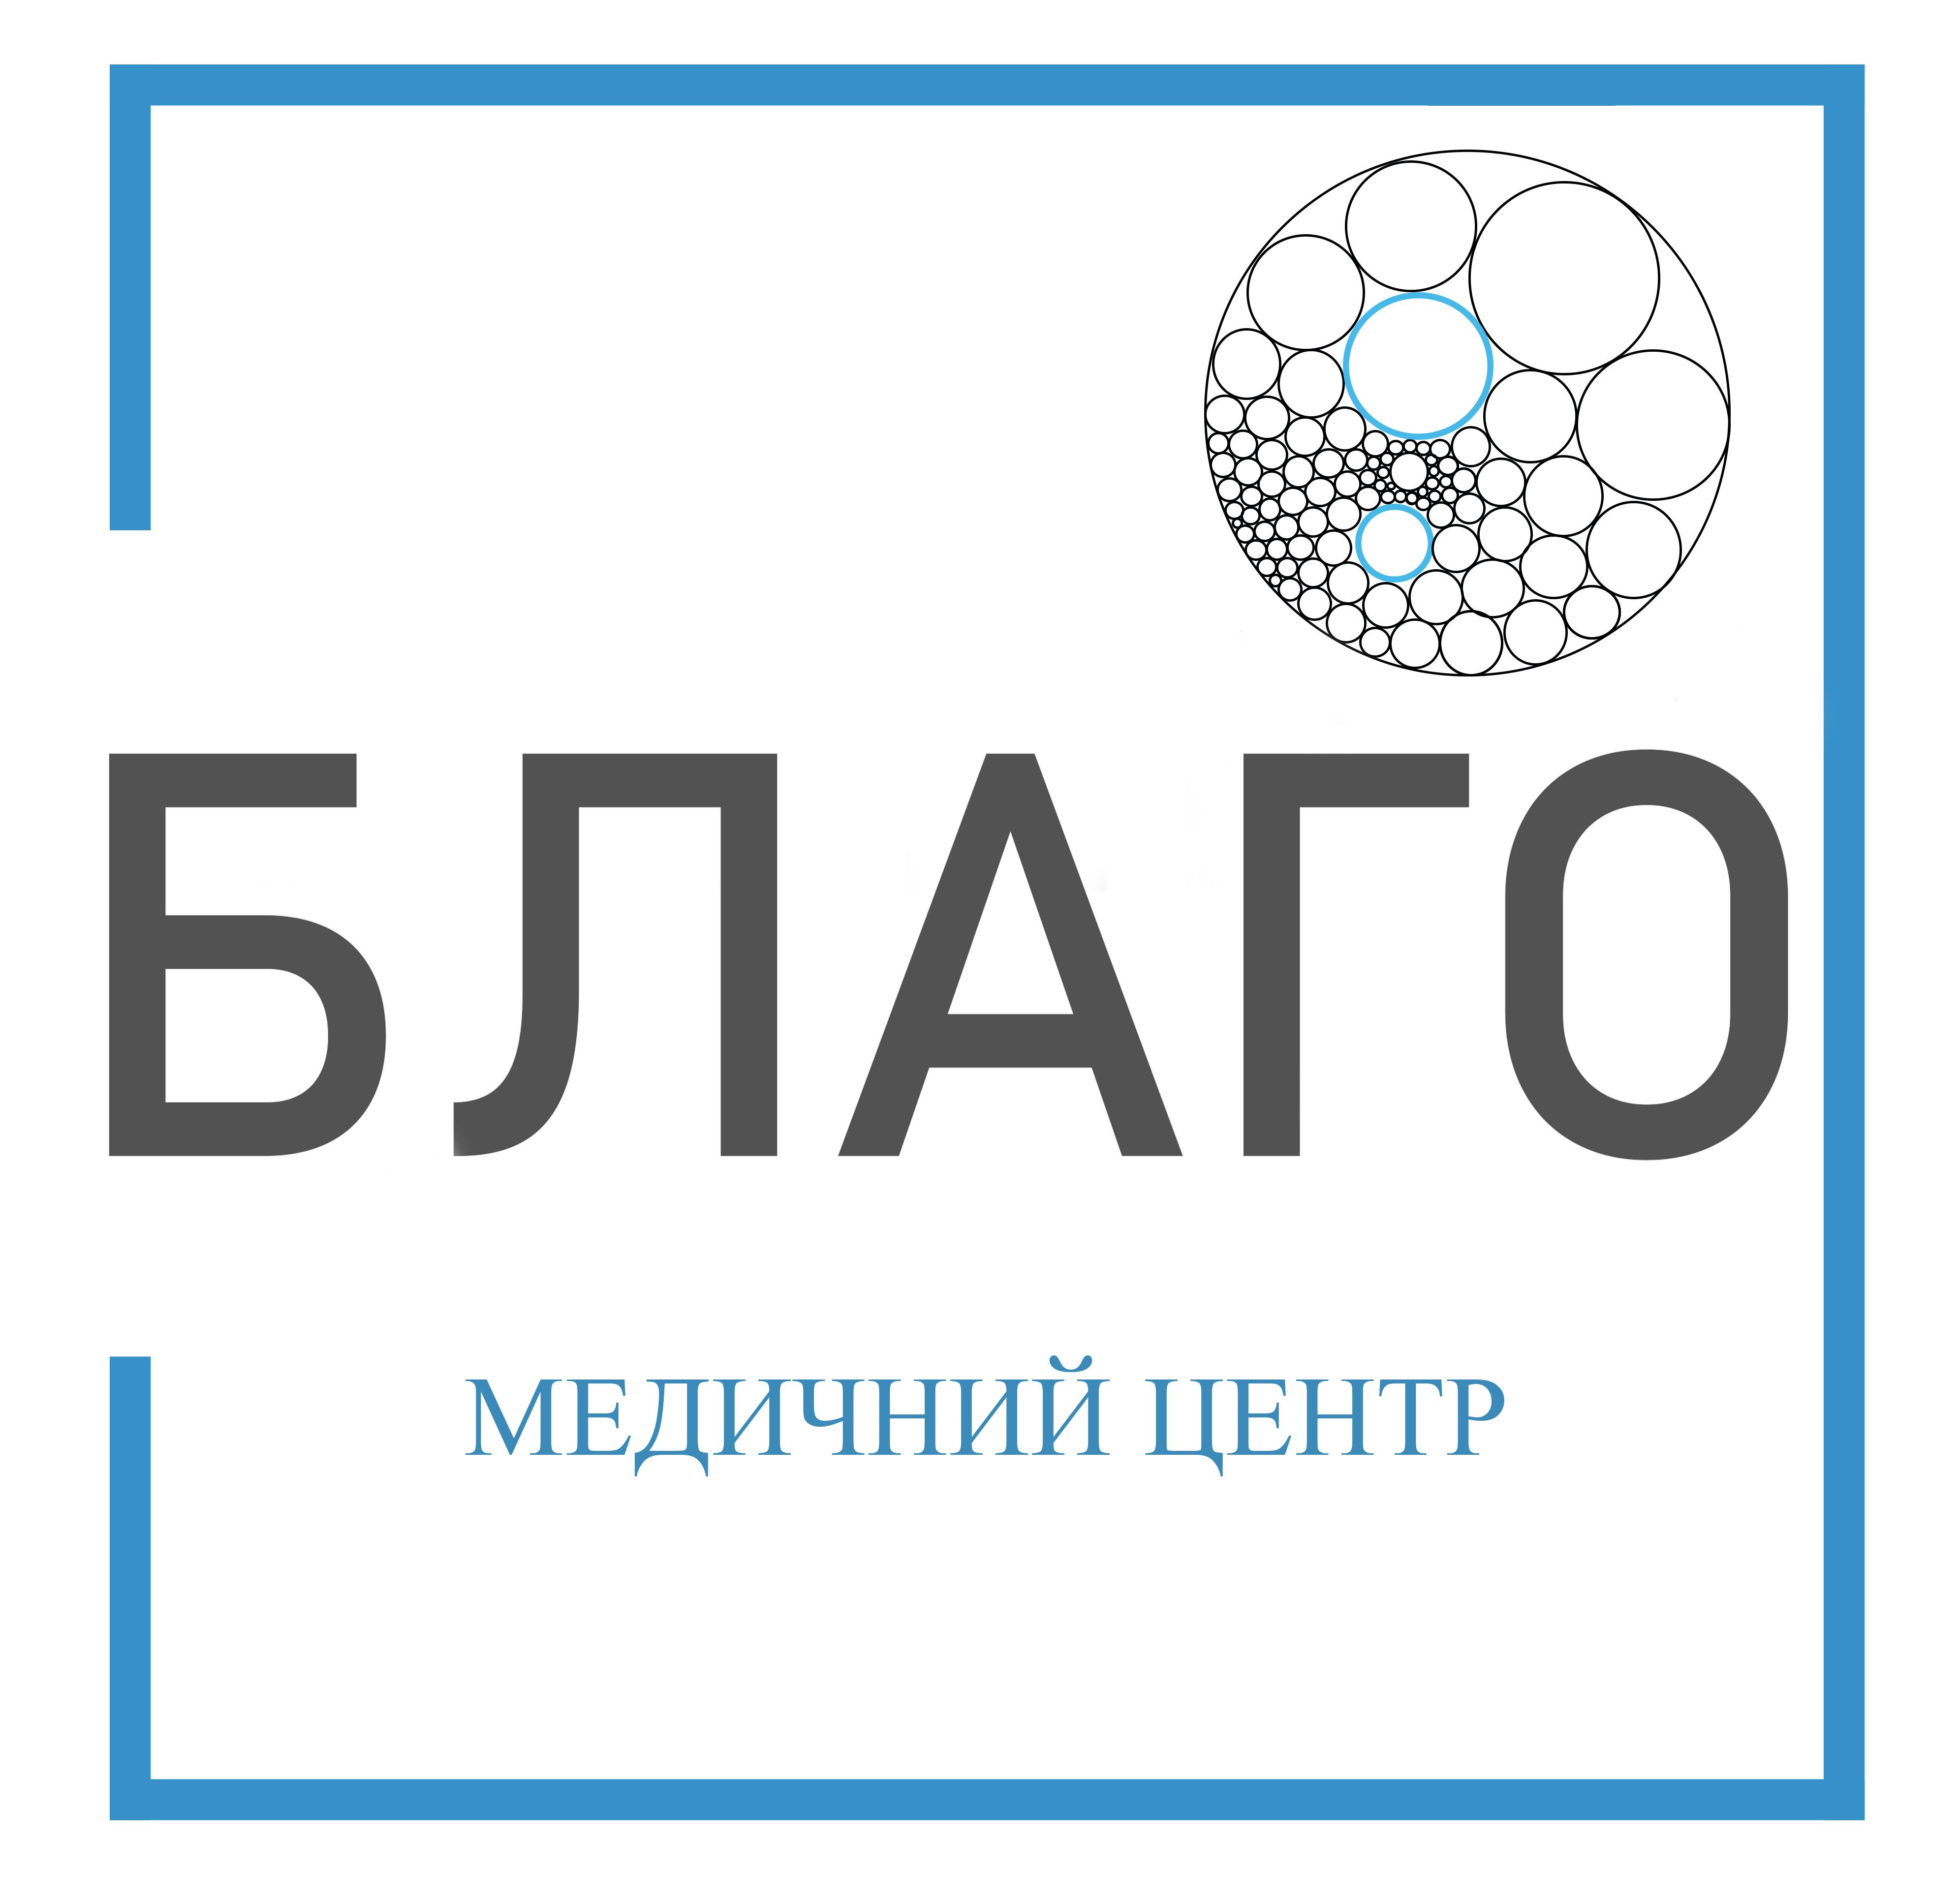 Лого МЦ blue